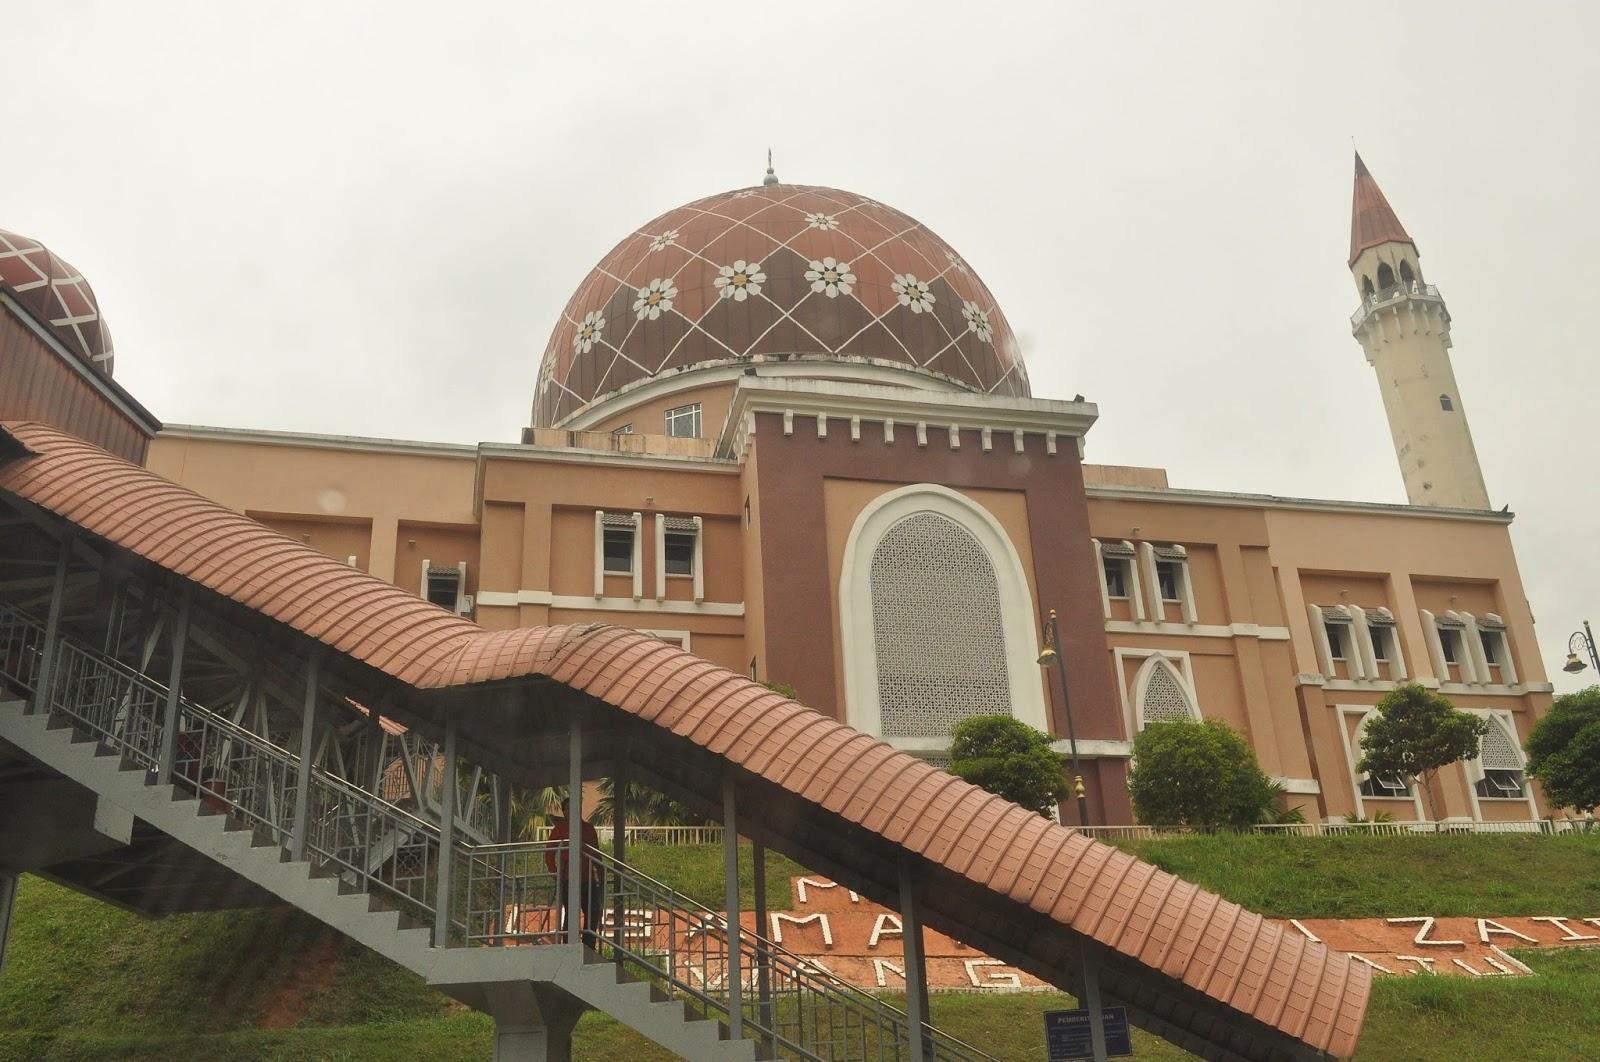 Nikah Masjid Usamah Bin Zaid Acara di Masjid Usamah Bin